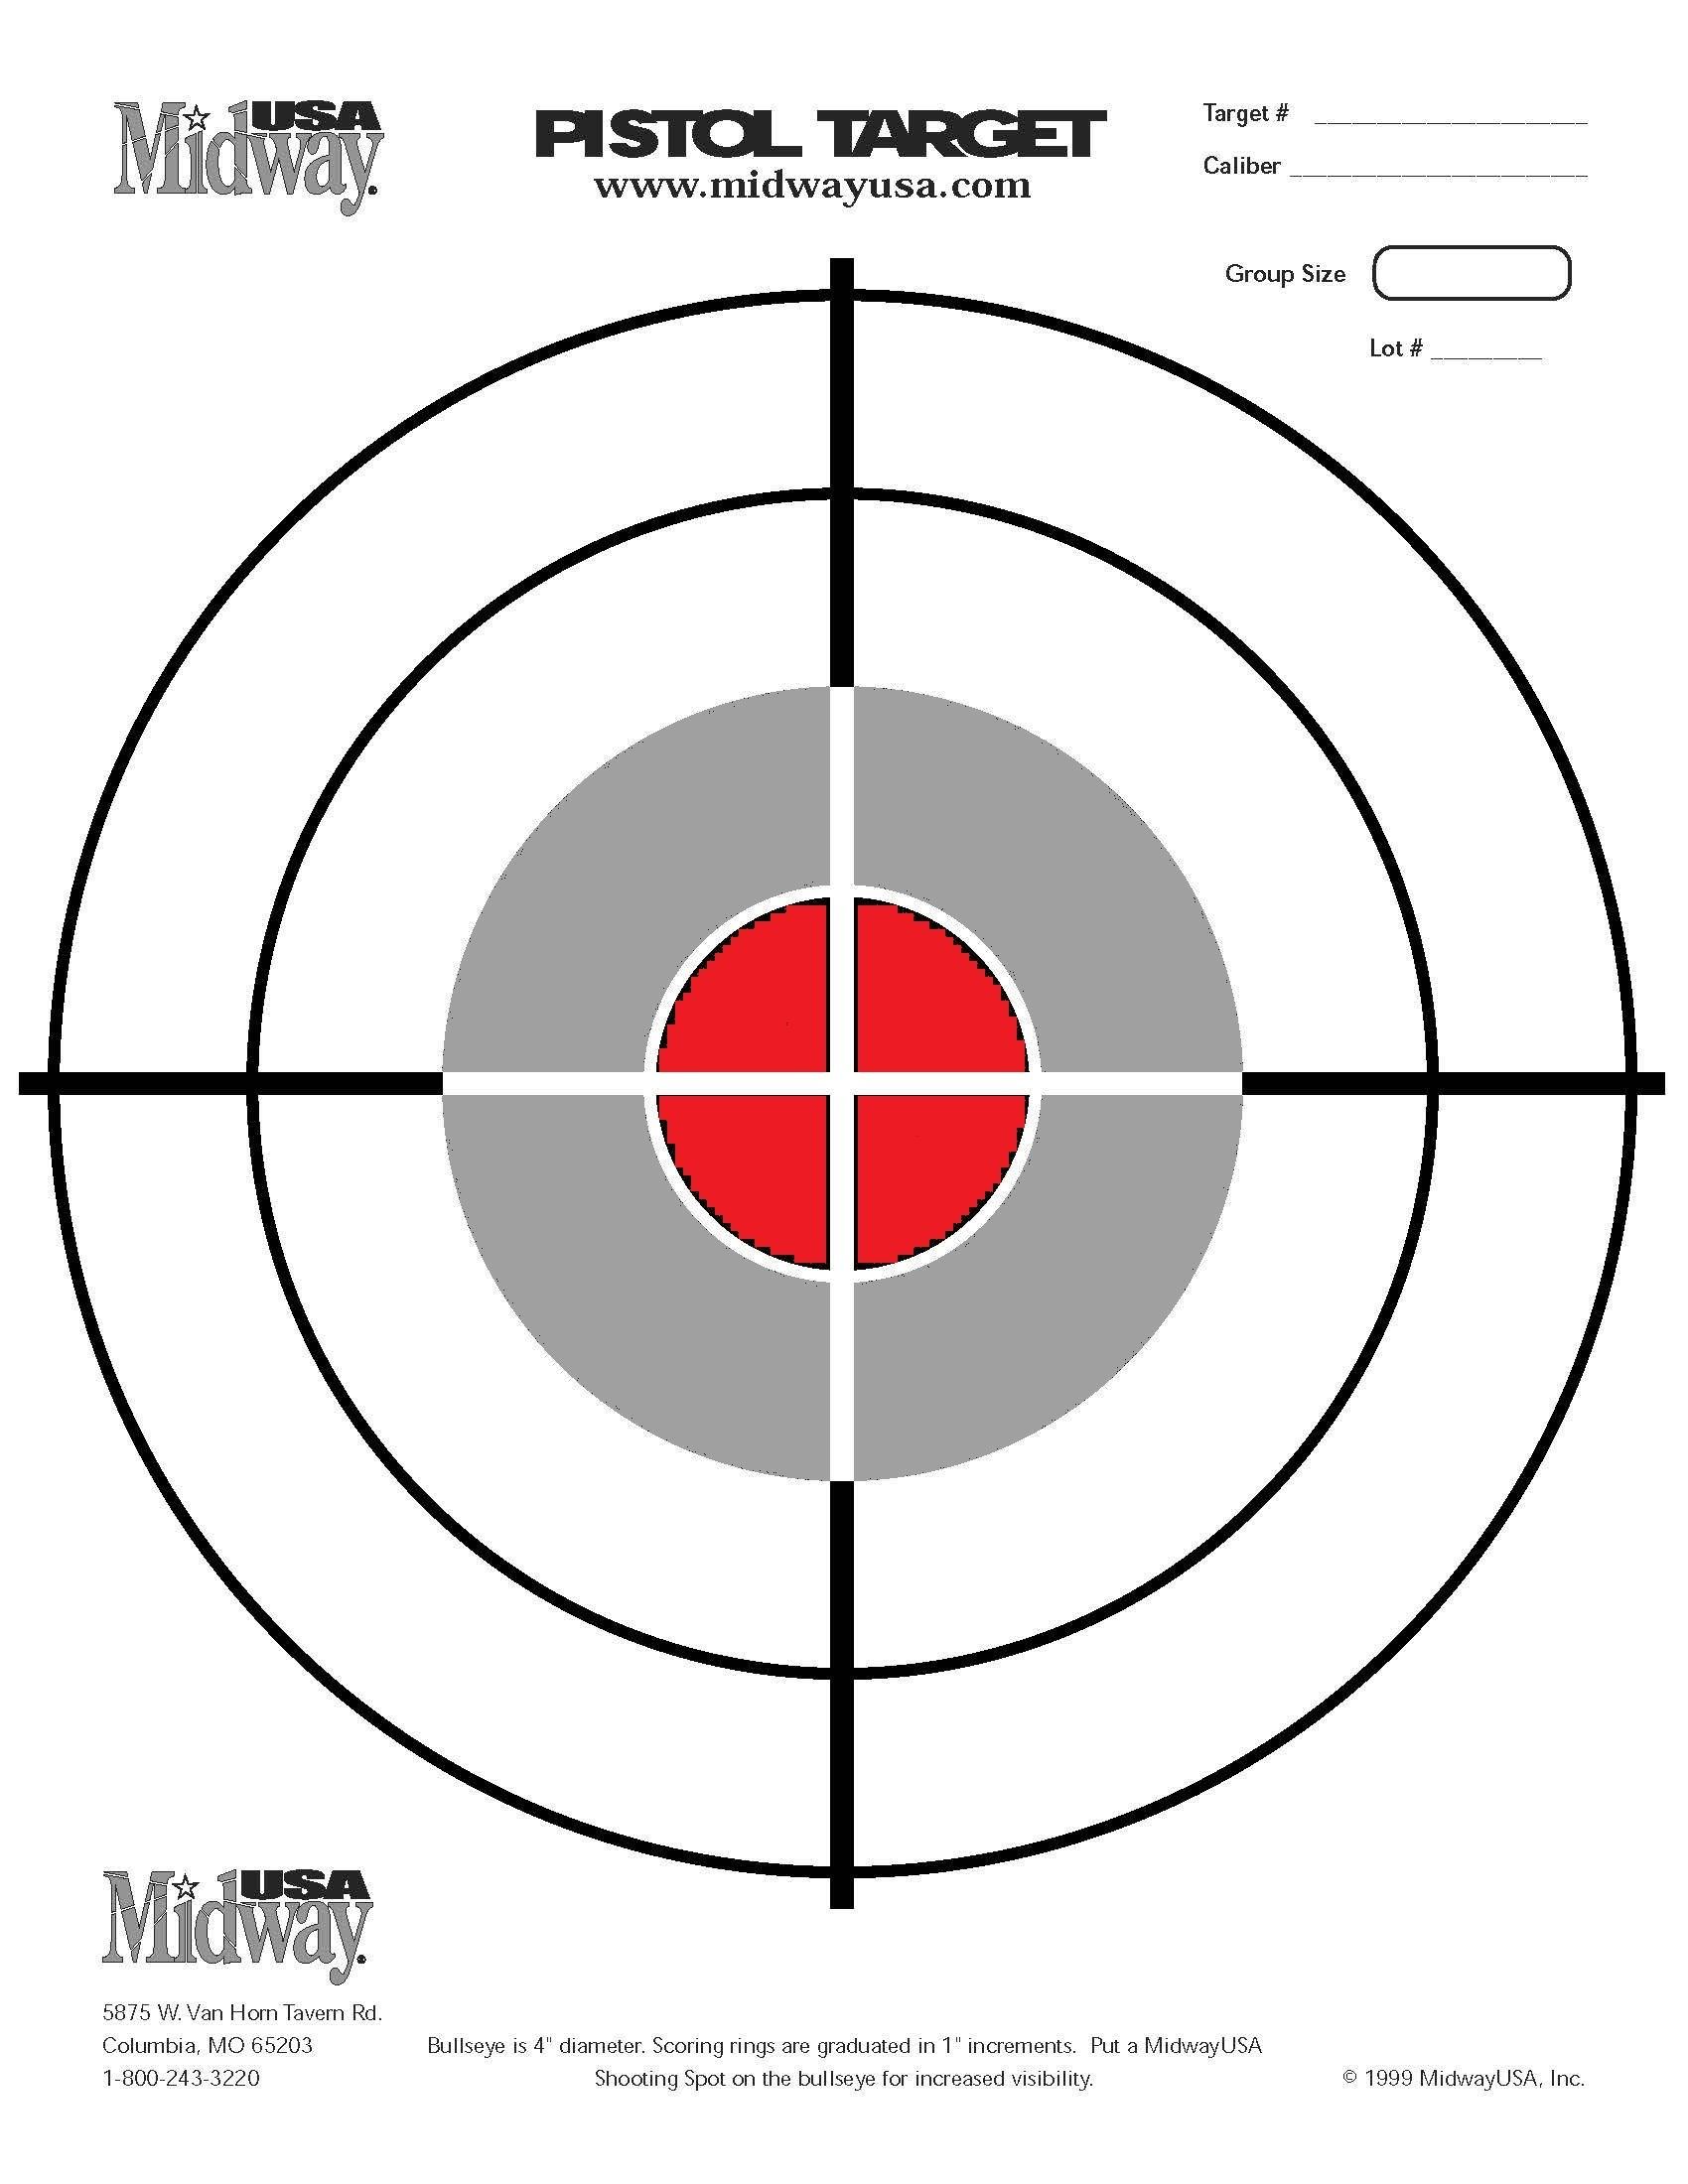 60 Fun Printable Targets   Kittybabylove - Free Printable Targets